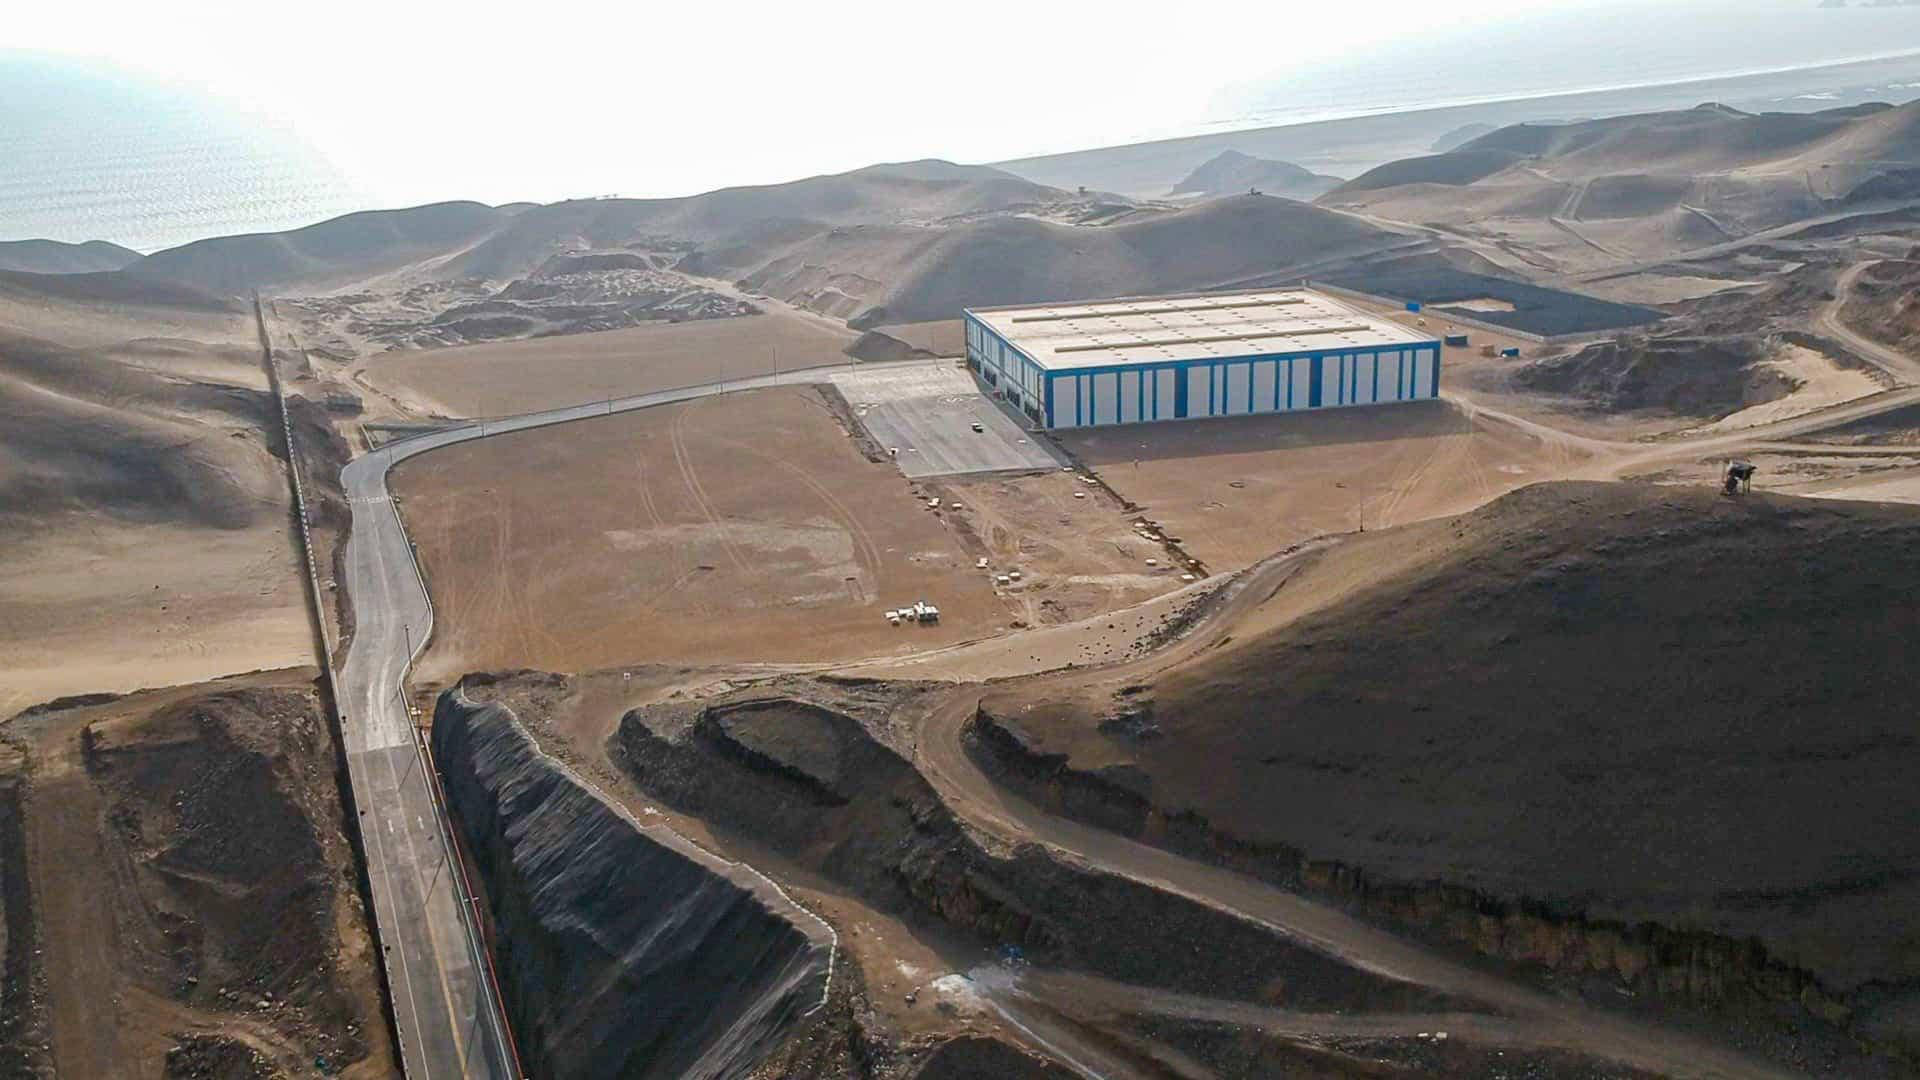 Corporación Monte Azul - Almacenes Logísticos - Almacén De Clase Mundial - condominios logisticos - por que elegir monte azul almacenes